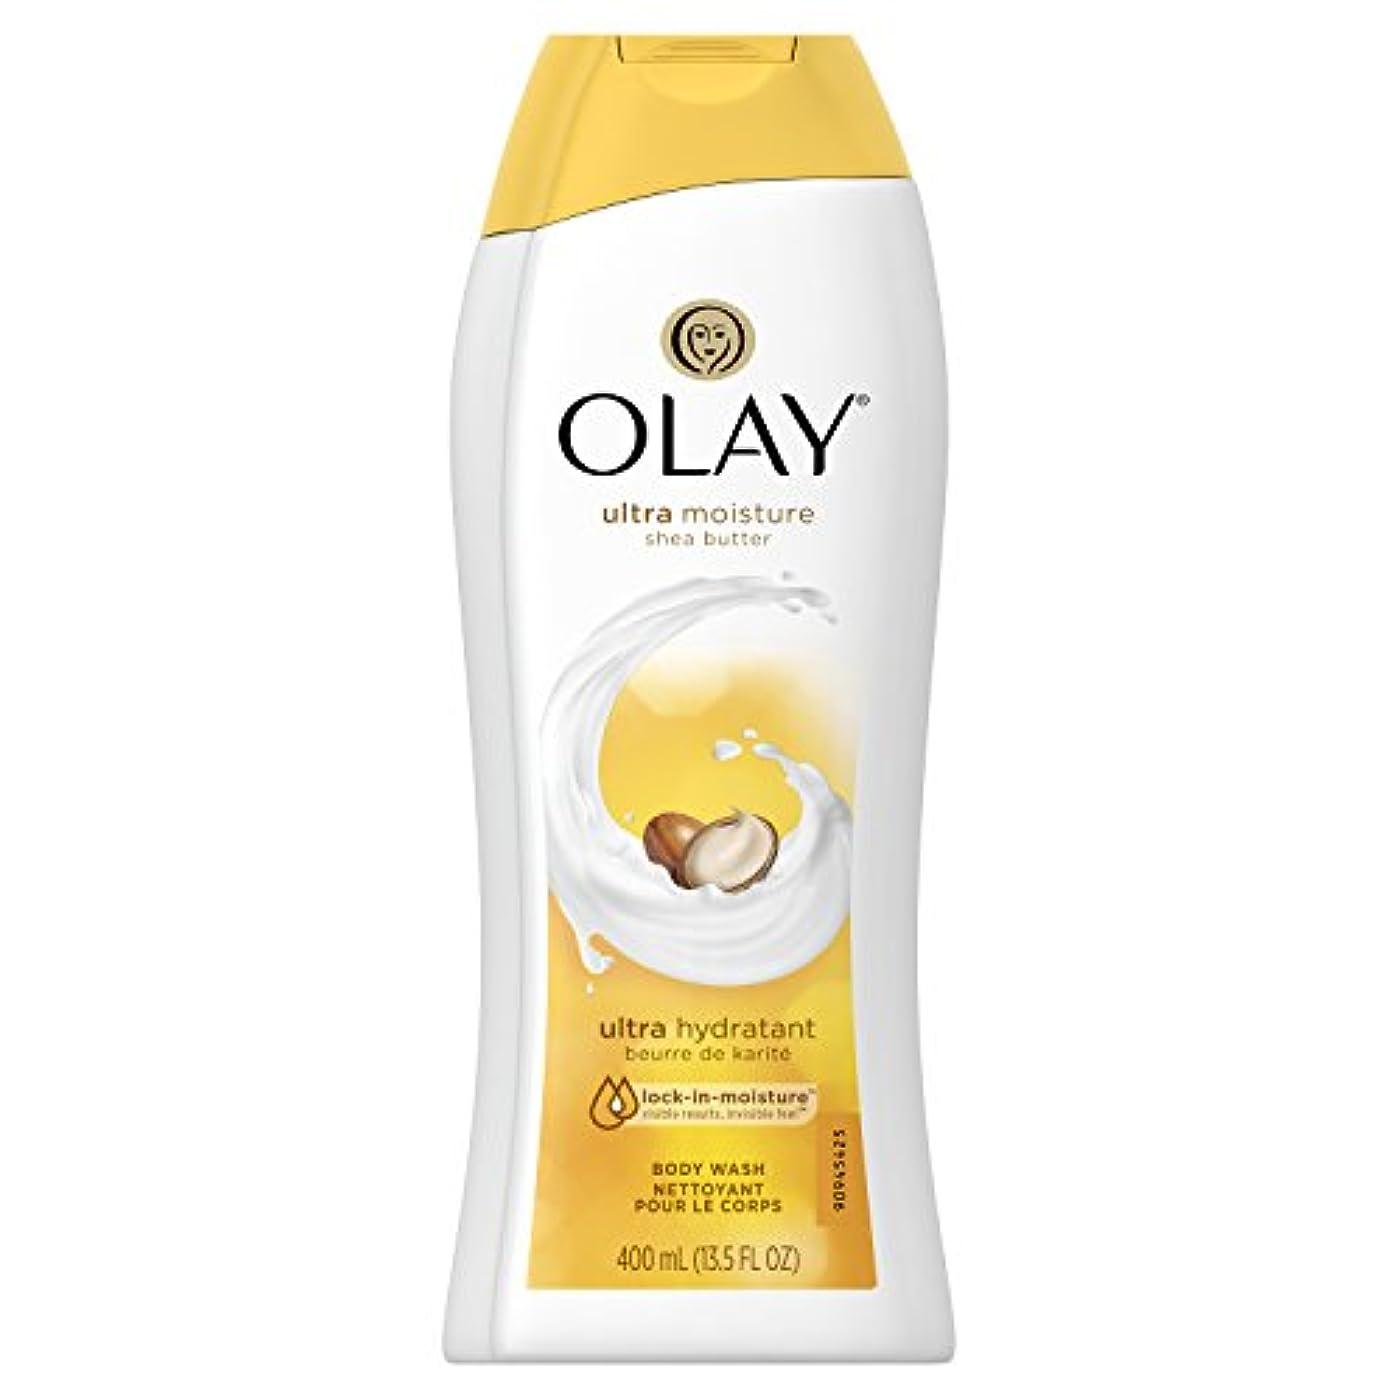 エンターテインメント一般的なペルセウスOlay Ultra Moisture Moisturizing Body Wash With Shea Butter, 13.5 oz. 2本セット